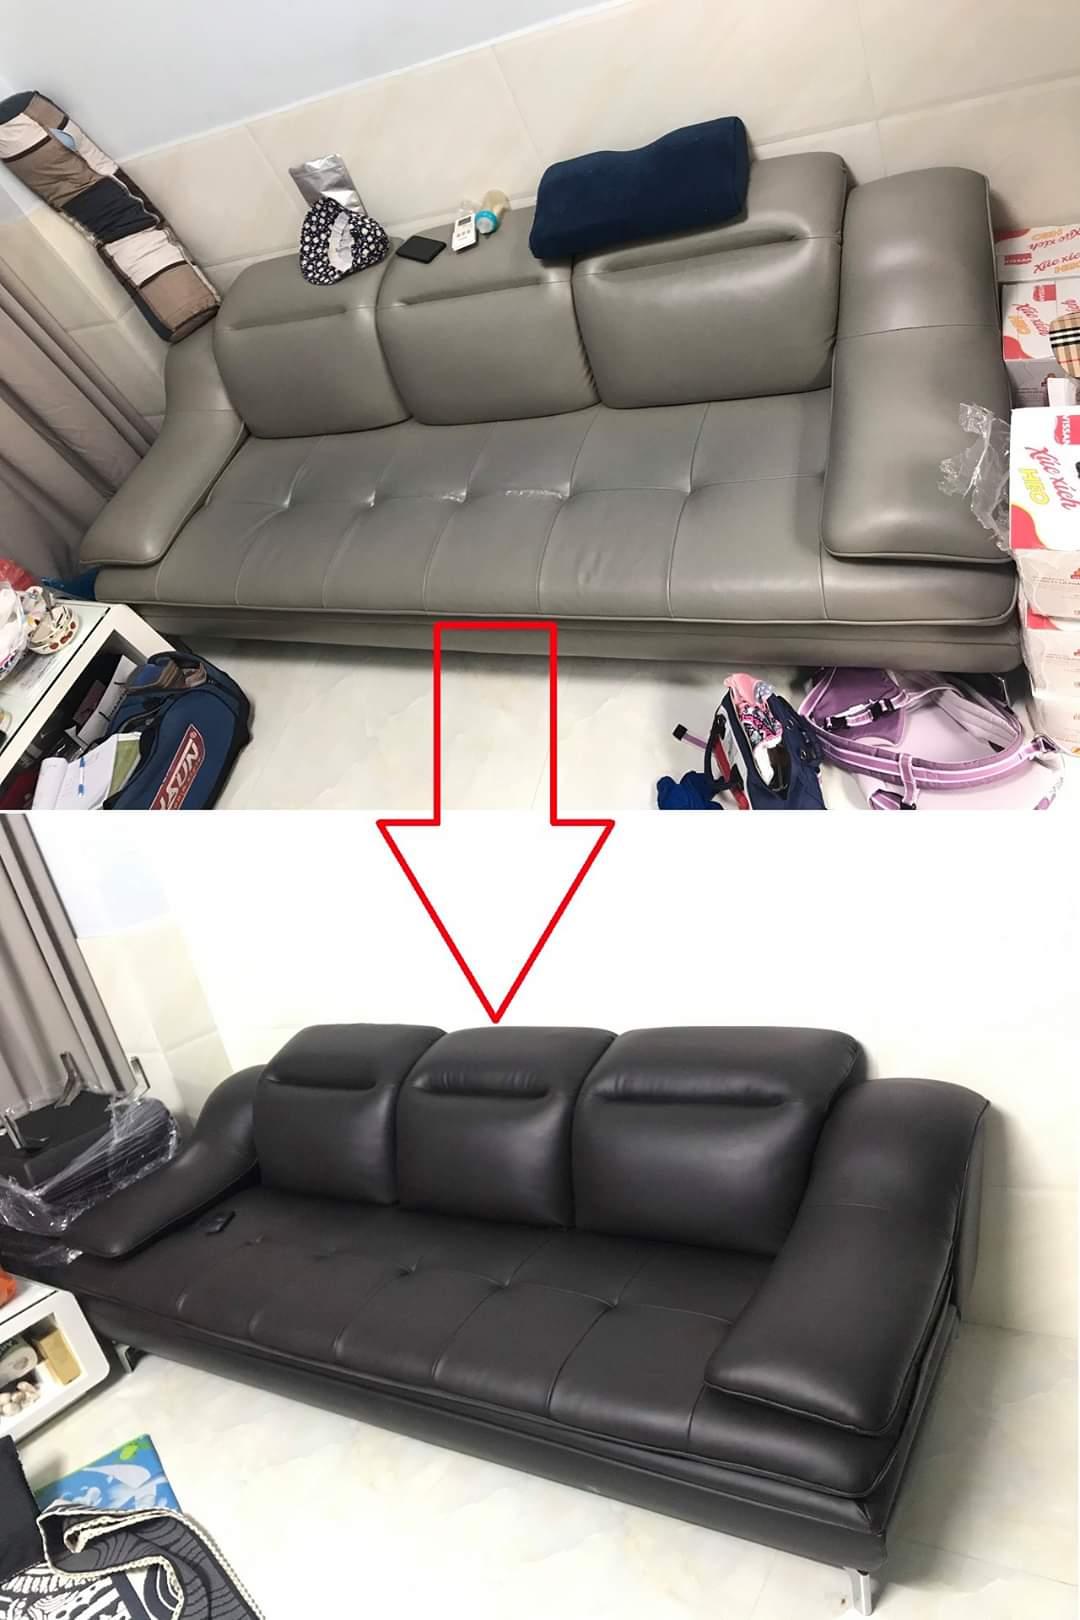 Bọc đệm ghế sofa phòng khách cho Chị Dung tại chung cư Z751, Đường Phan Văn Trị, Quận Gò Vấp